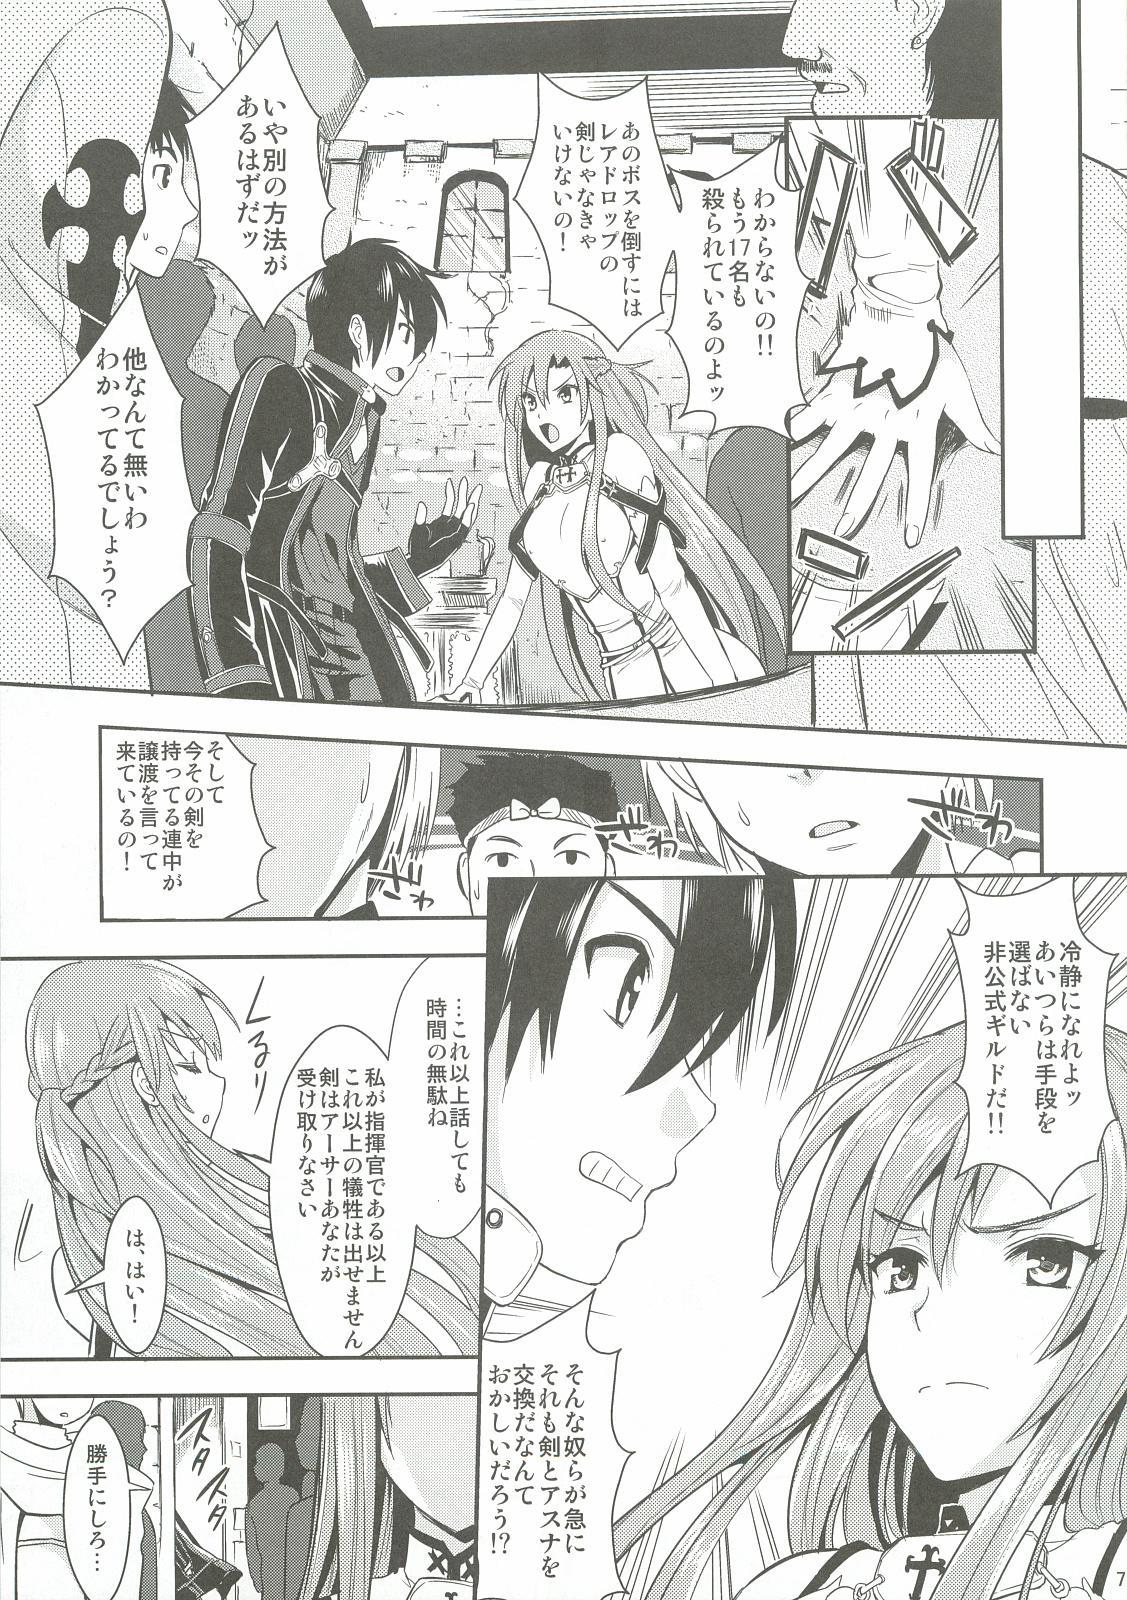 Shujou Seikou II α Watashi... Okasarete Anal ni Mezamemashita 5